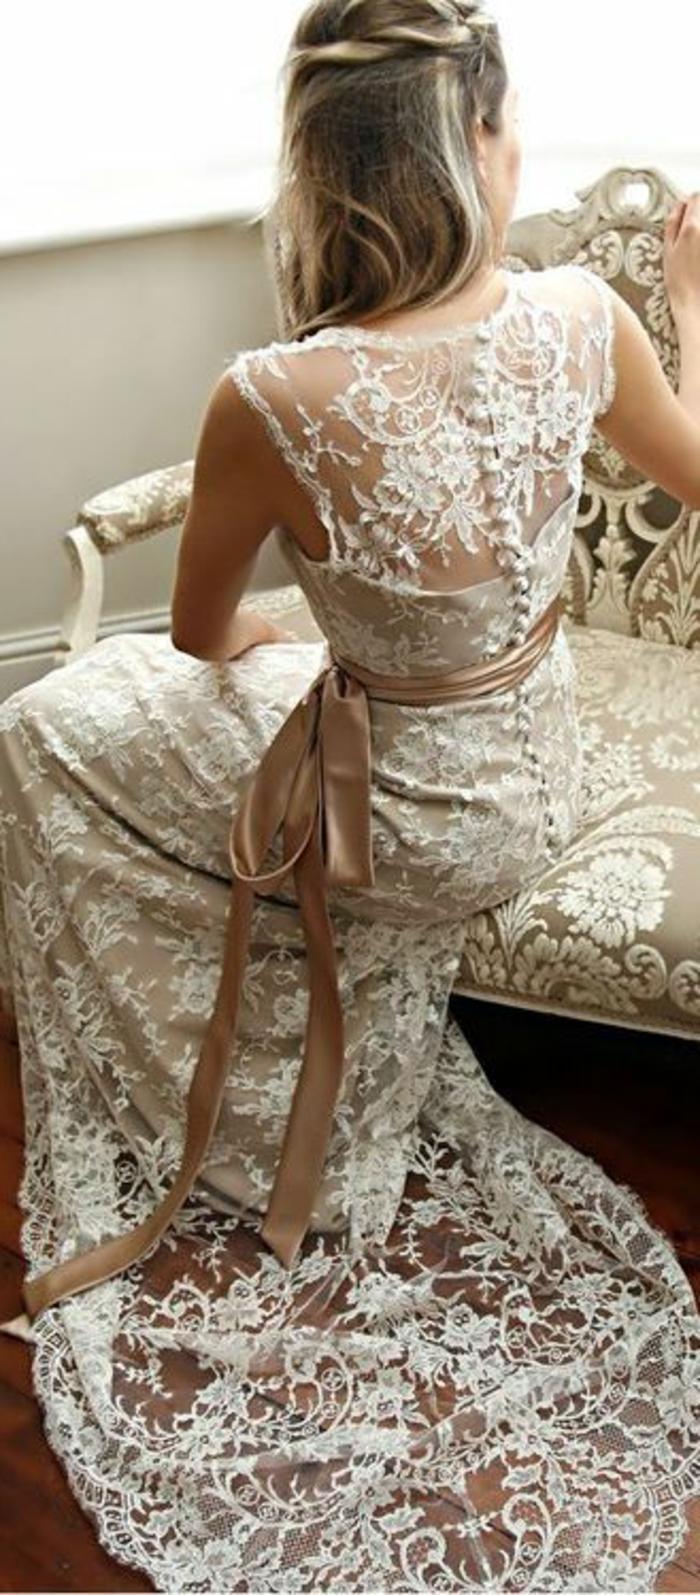 robe mariée couleur doux, tresse couronne, robe dentelle et ceinture en tissu satiné